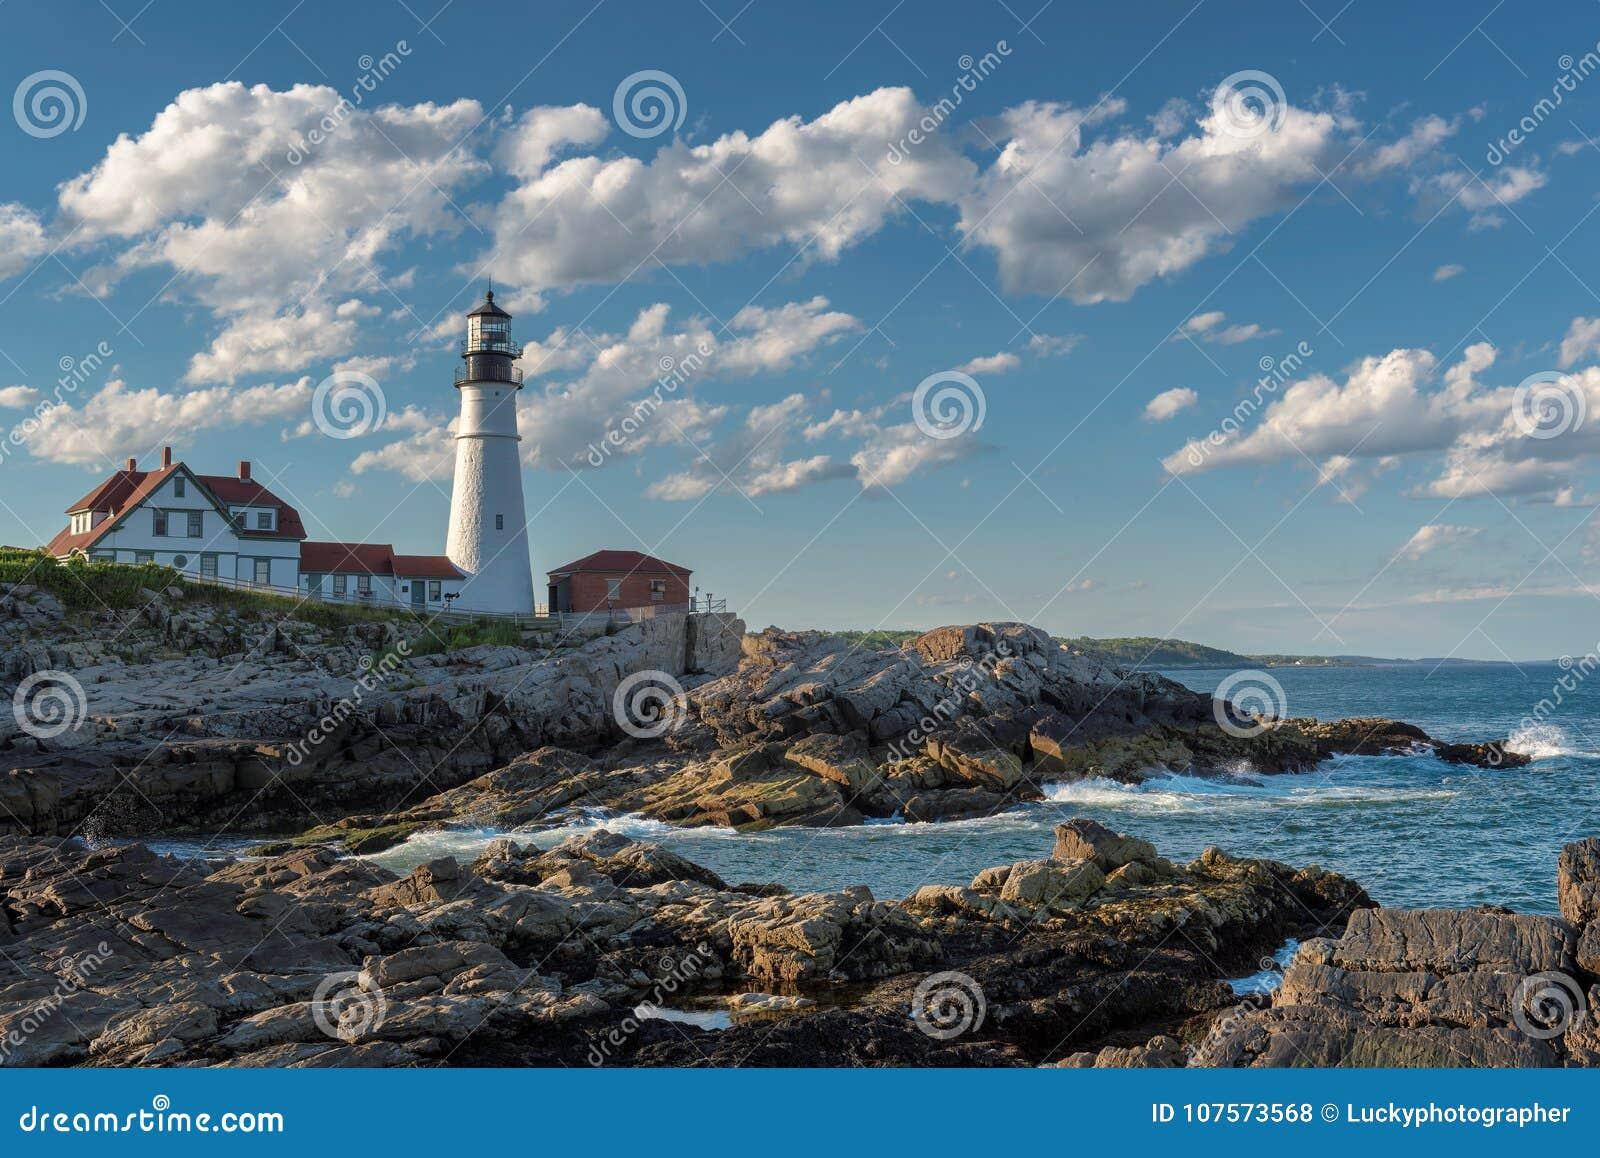 在海角伊丽莎白,缅因,美国的波特兰灯塔